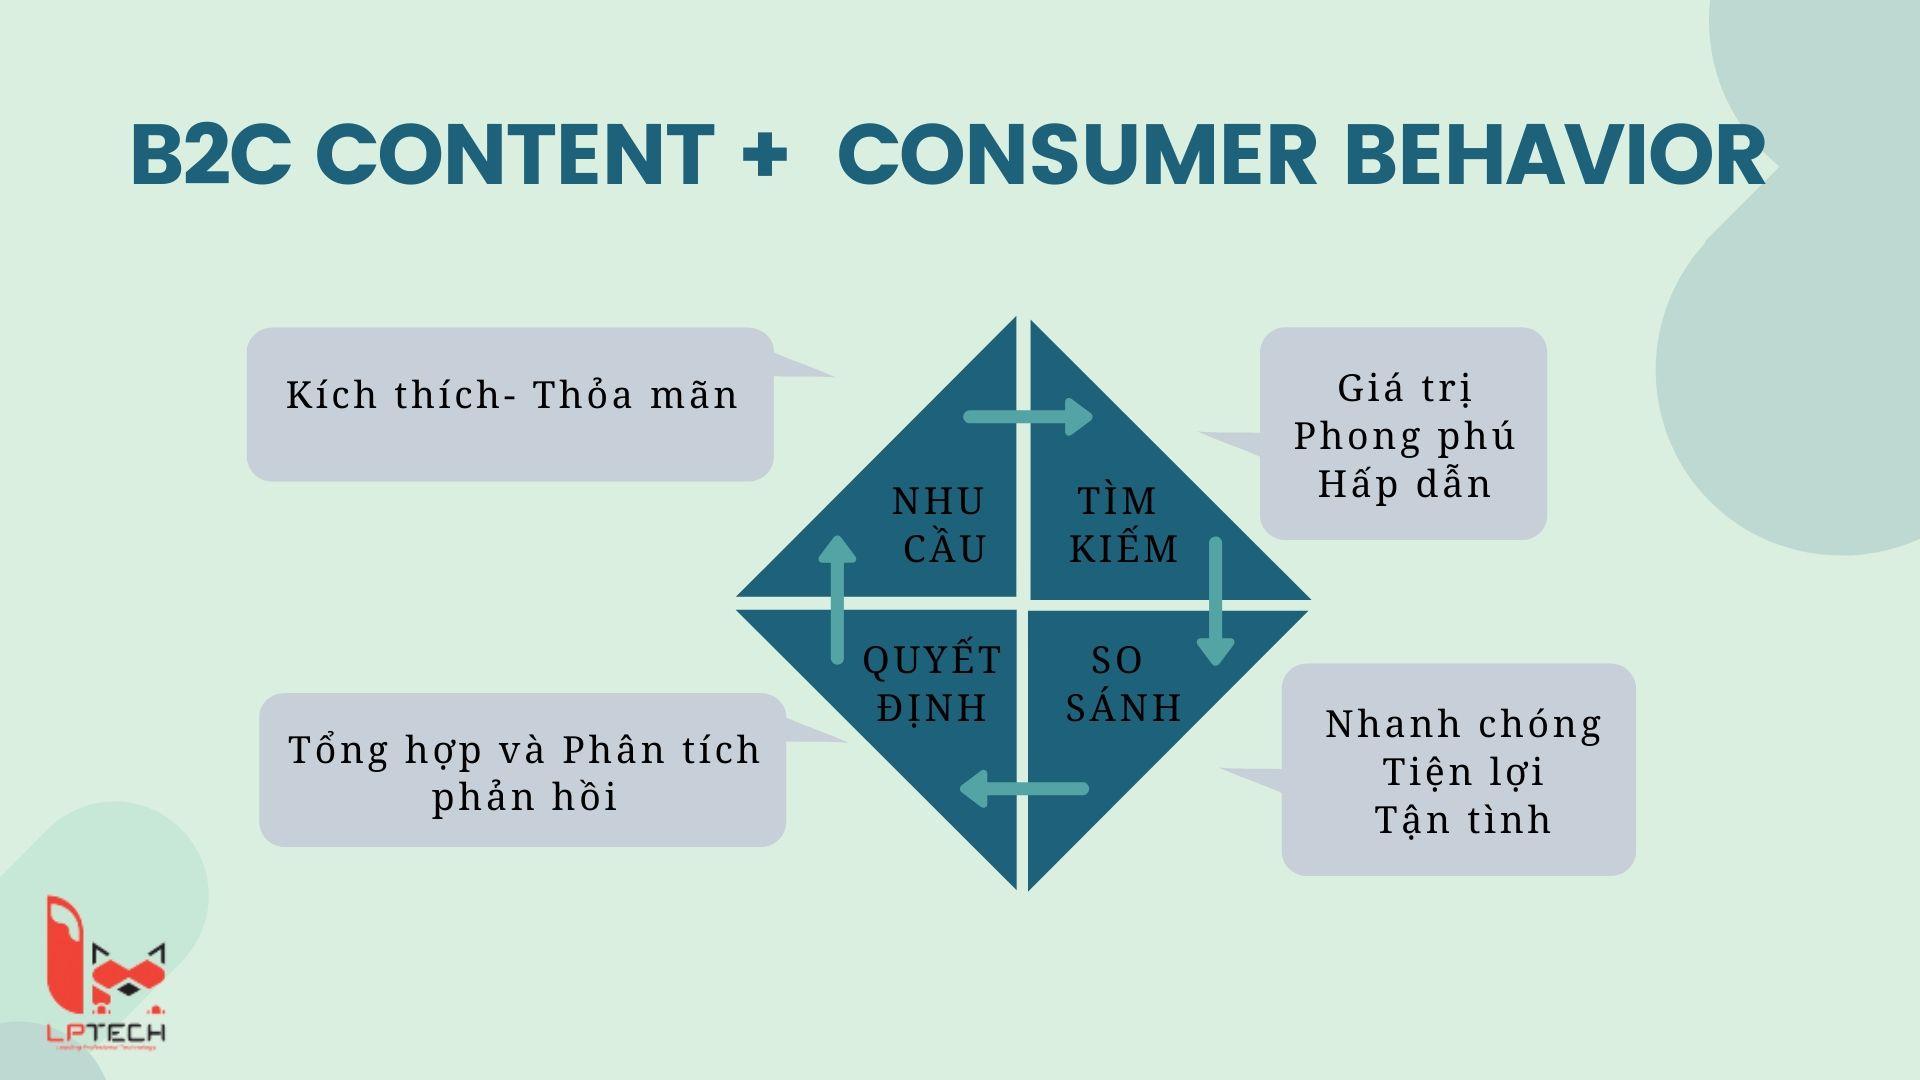 Mối quan hệ giữa nội dung trực tuyến và hành vi mua sắm của người dùng